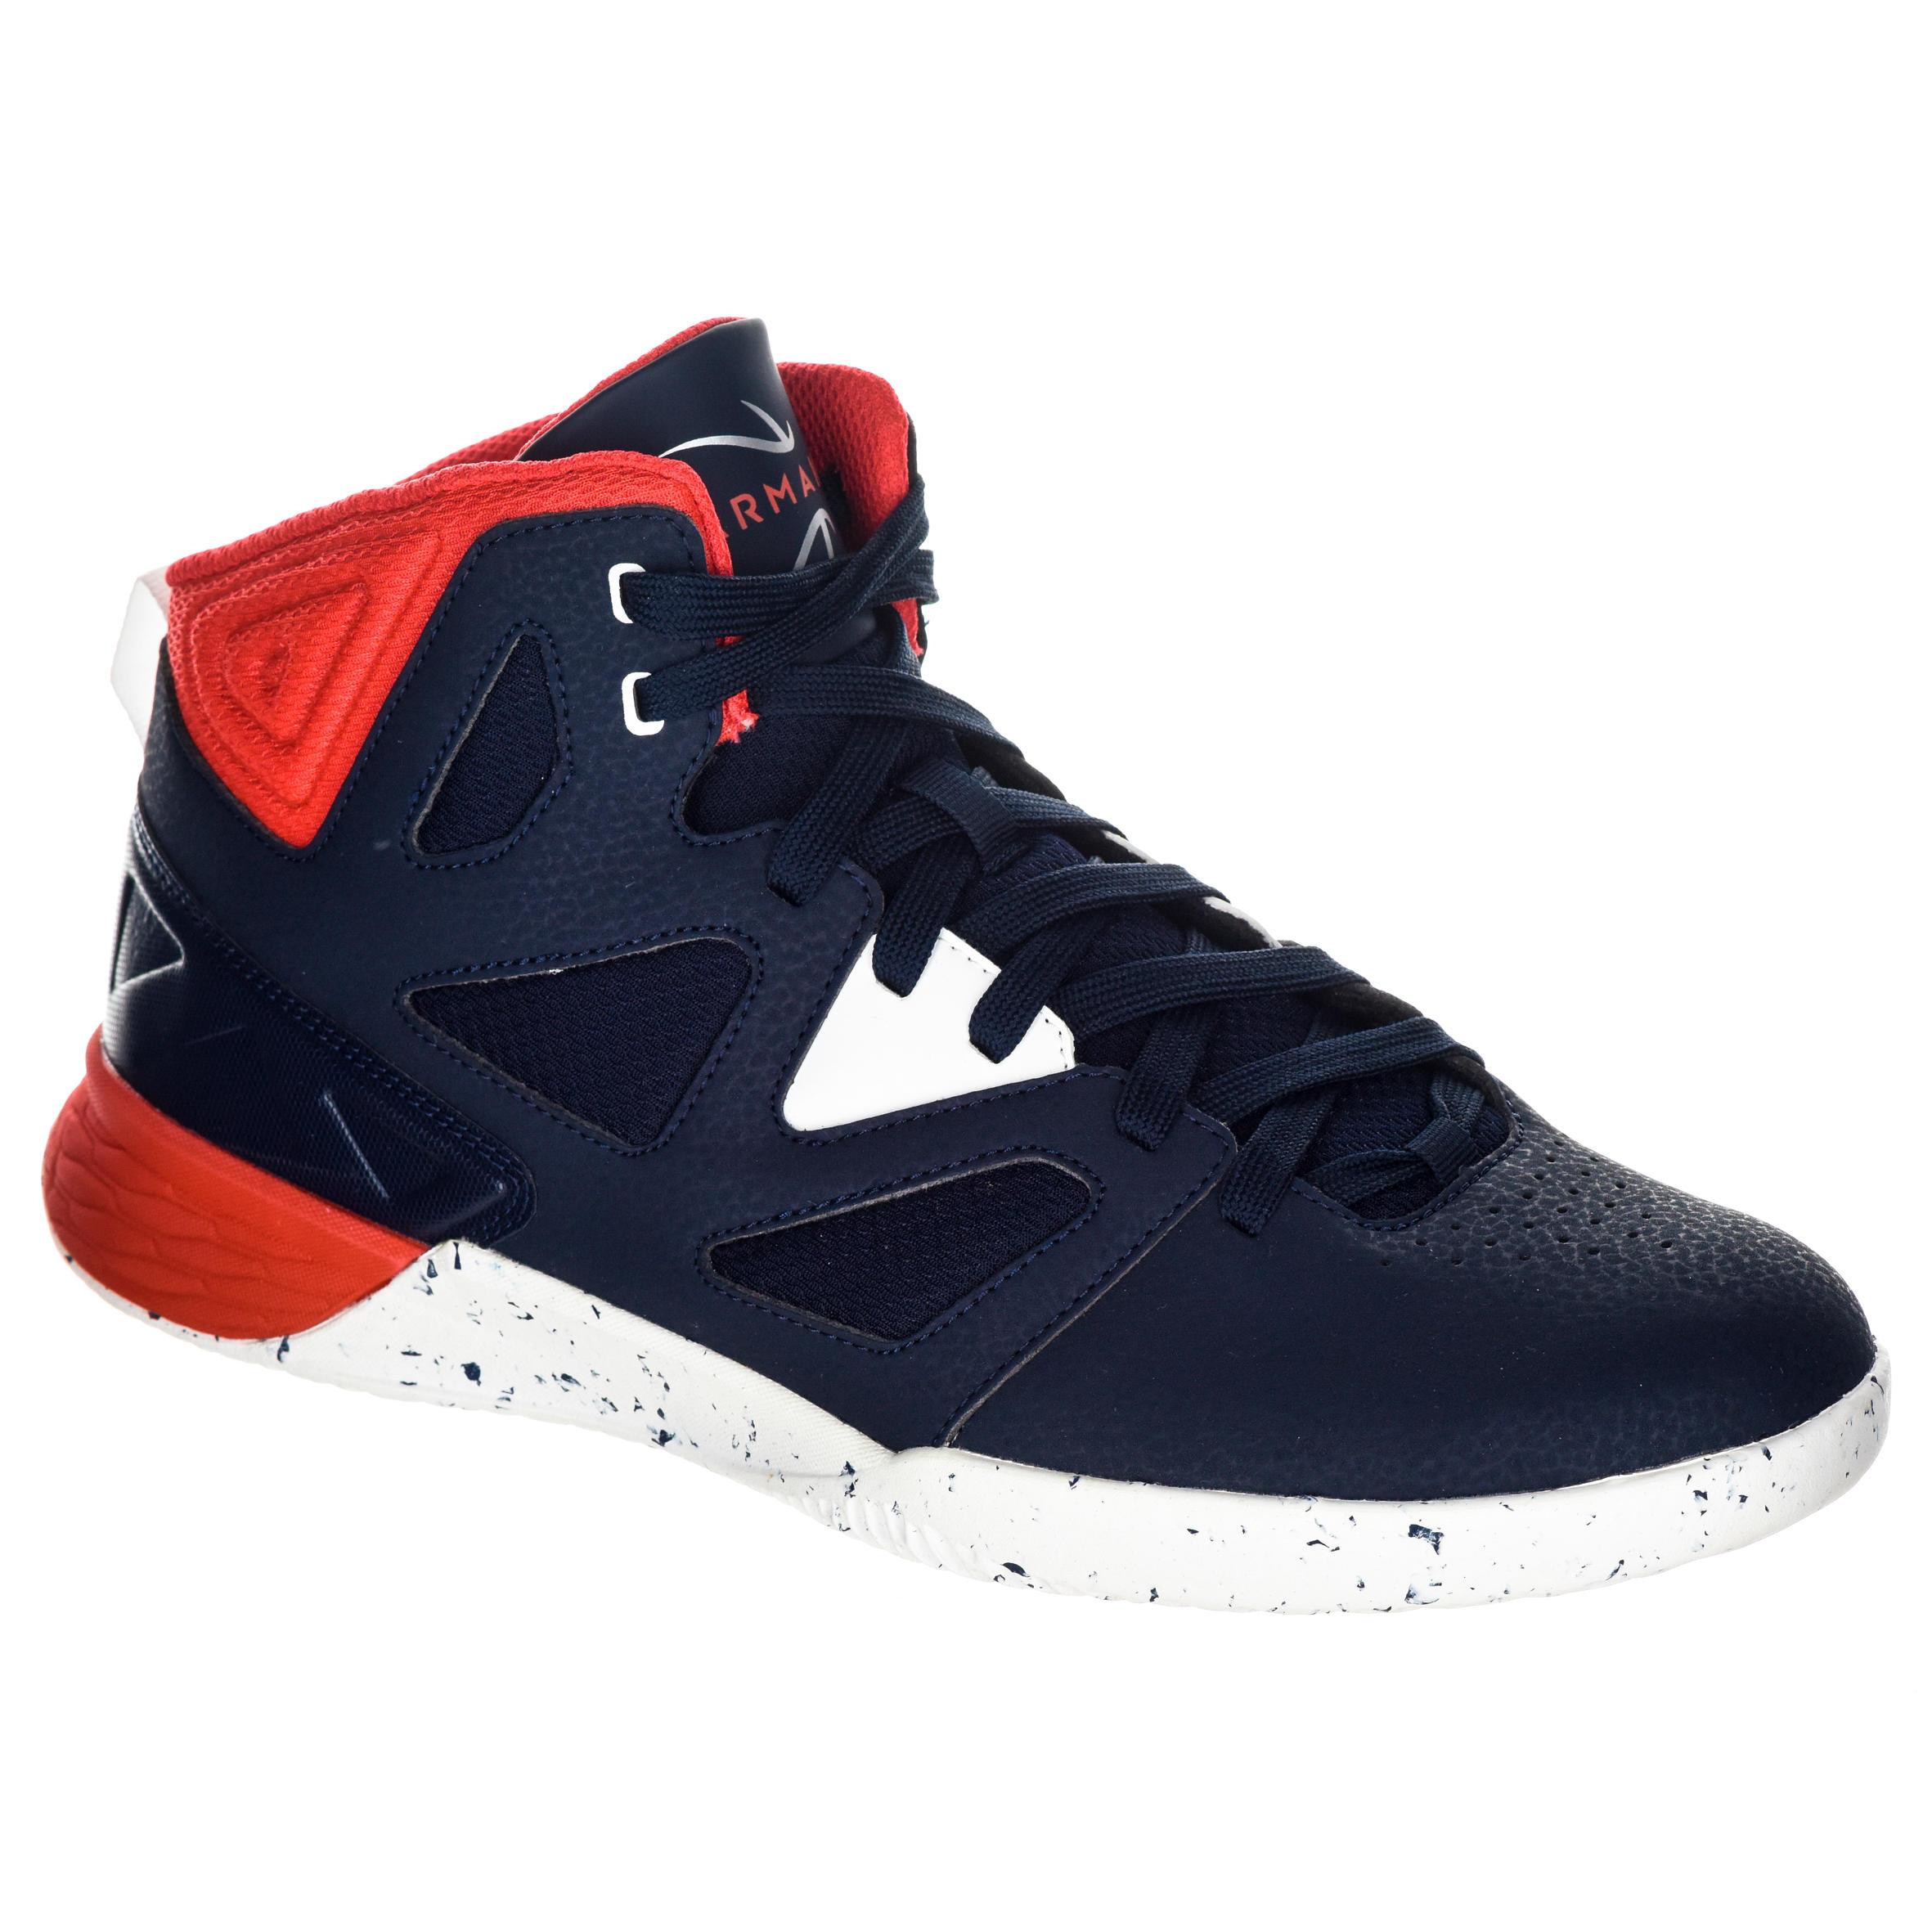 Tarmak Basketbalschoenen volwassenen H/D beginners blauw wit rood